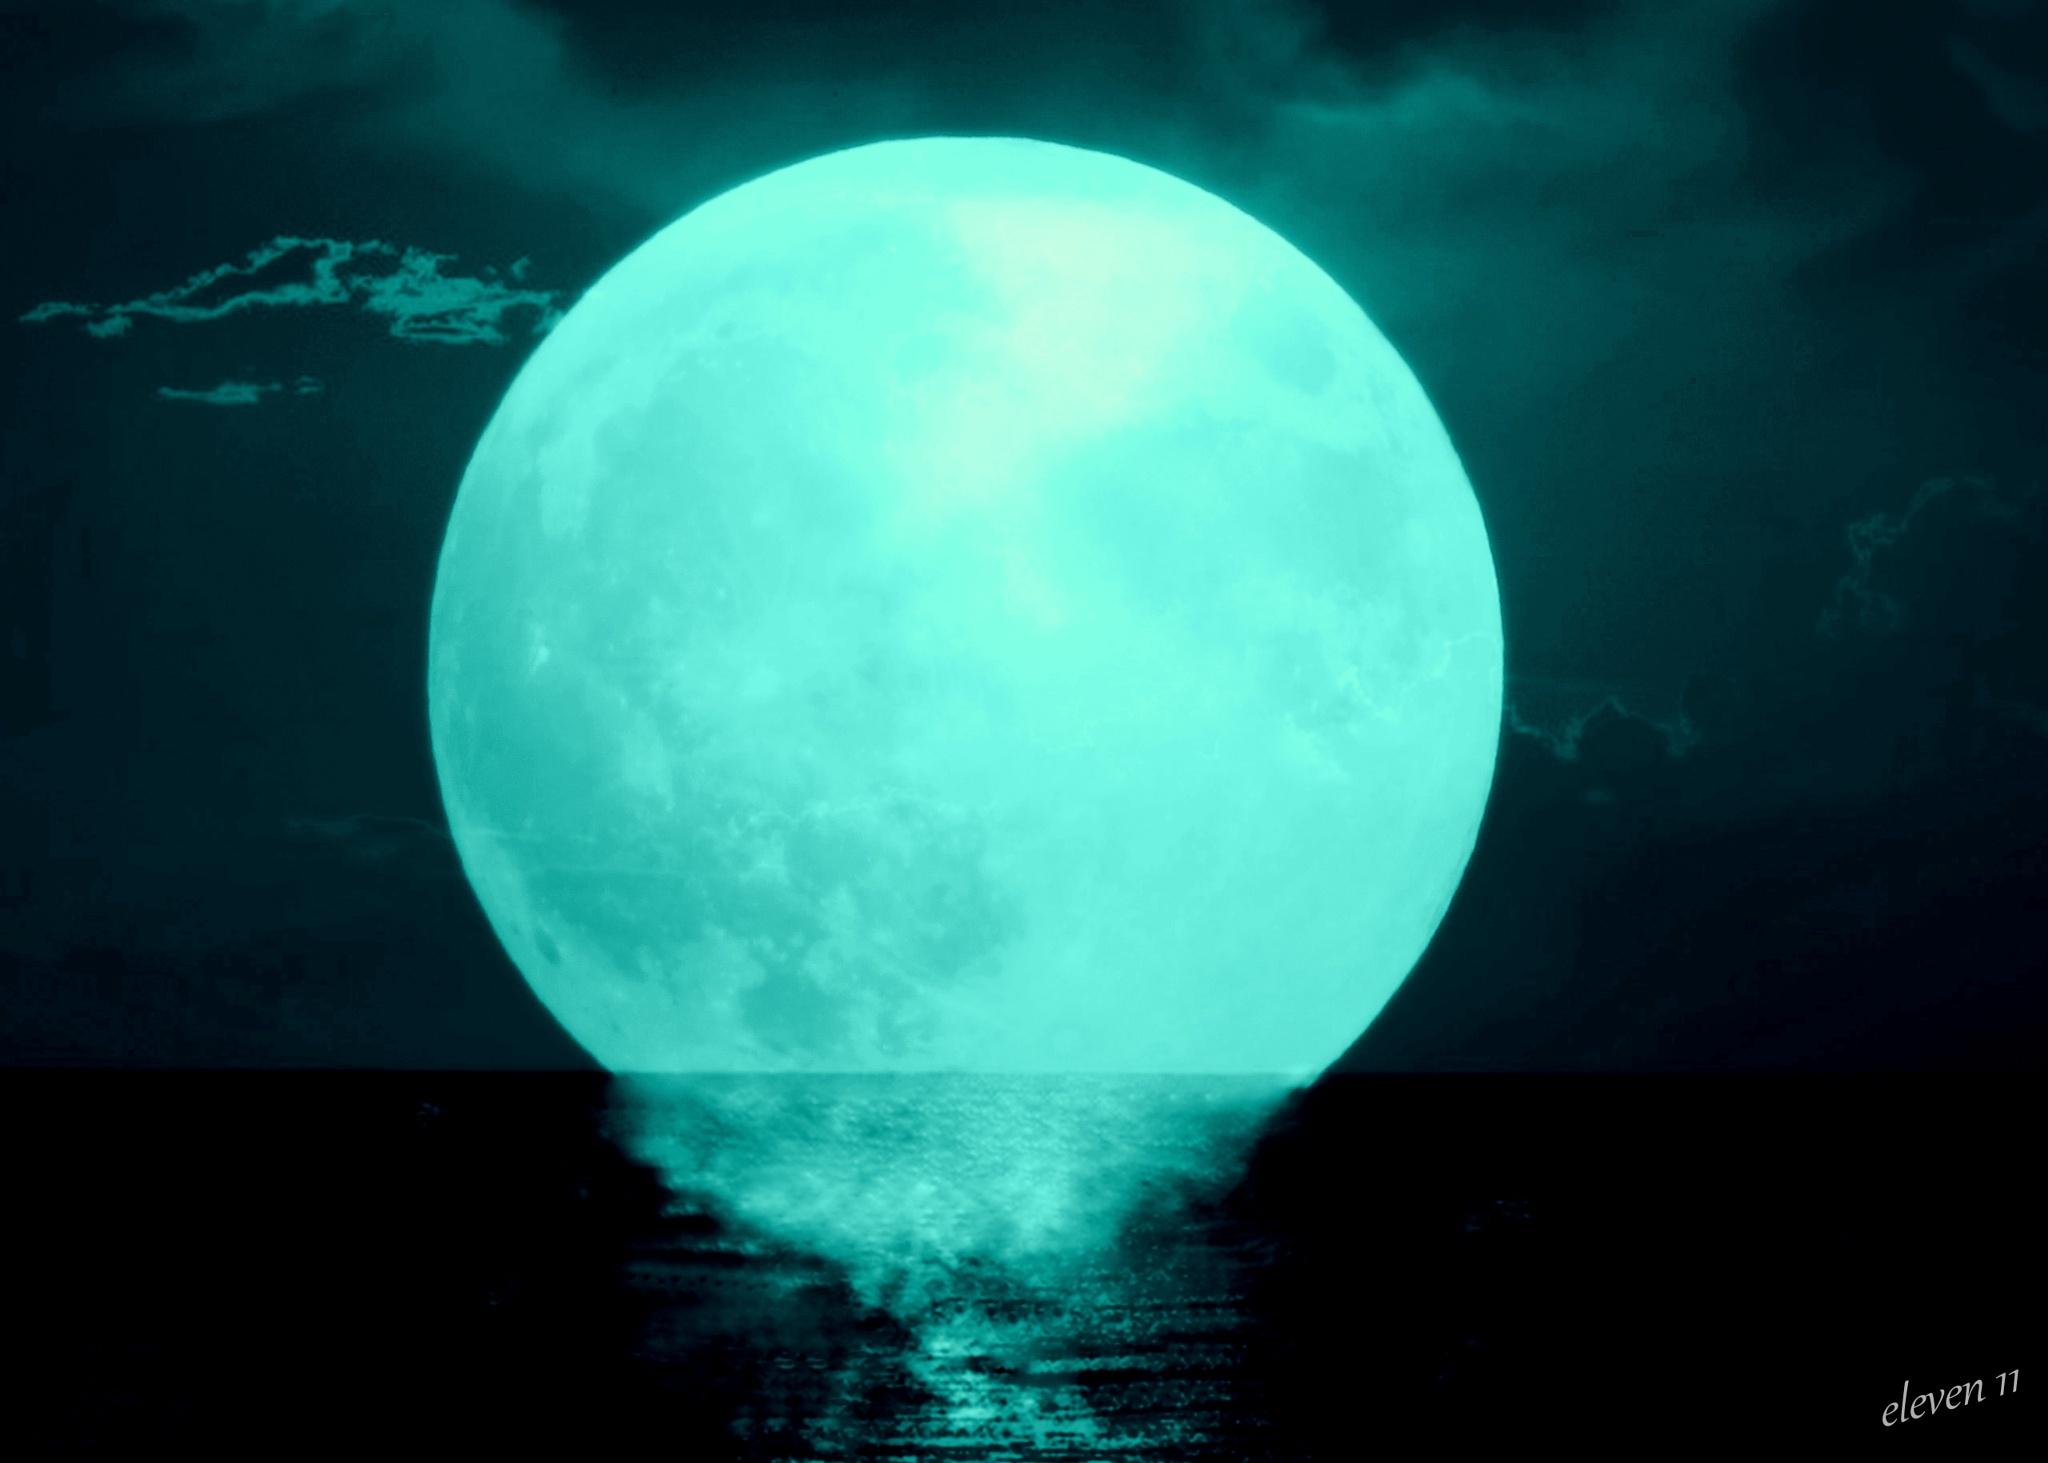 Lunar Fun by eleven 11